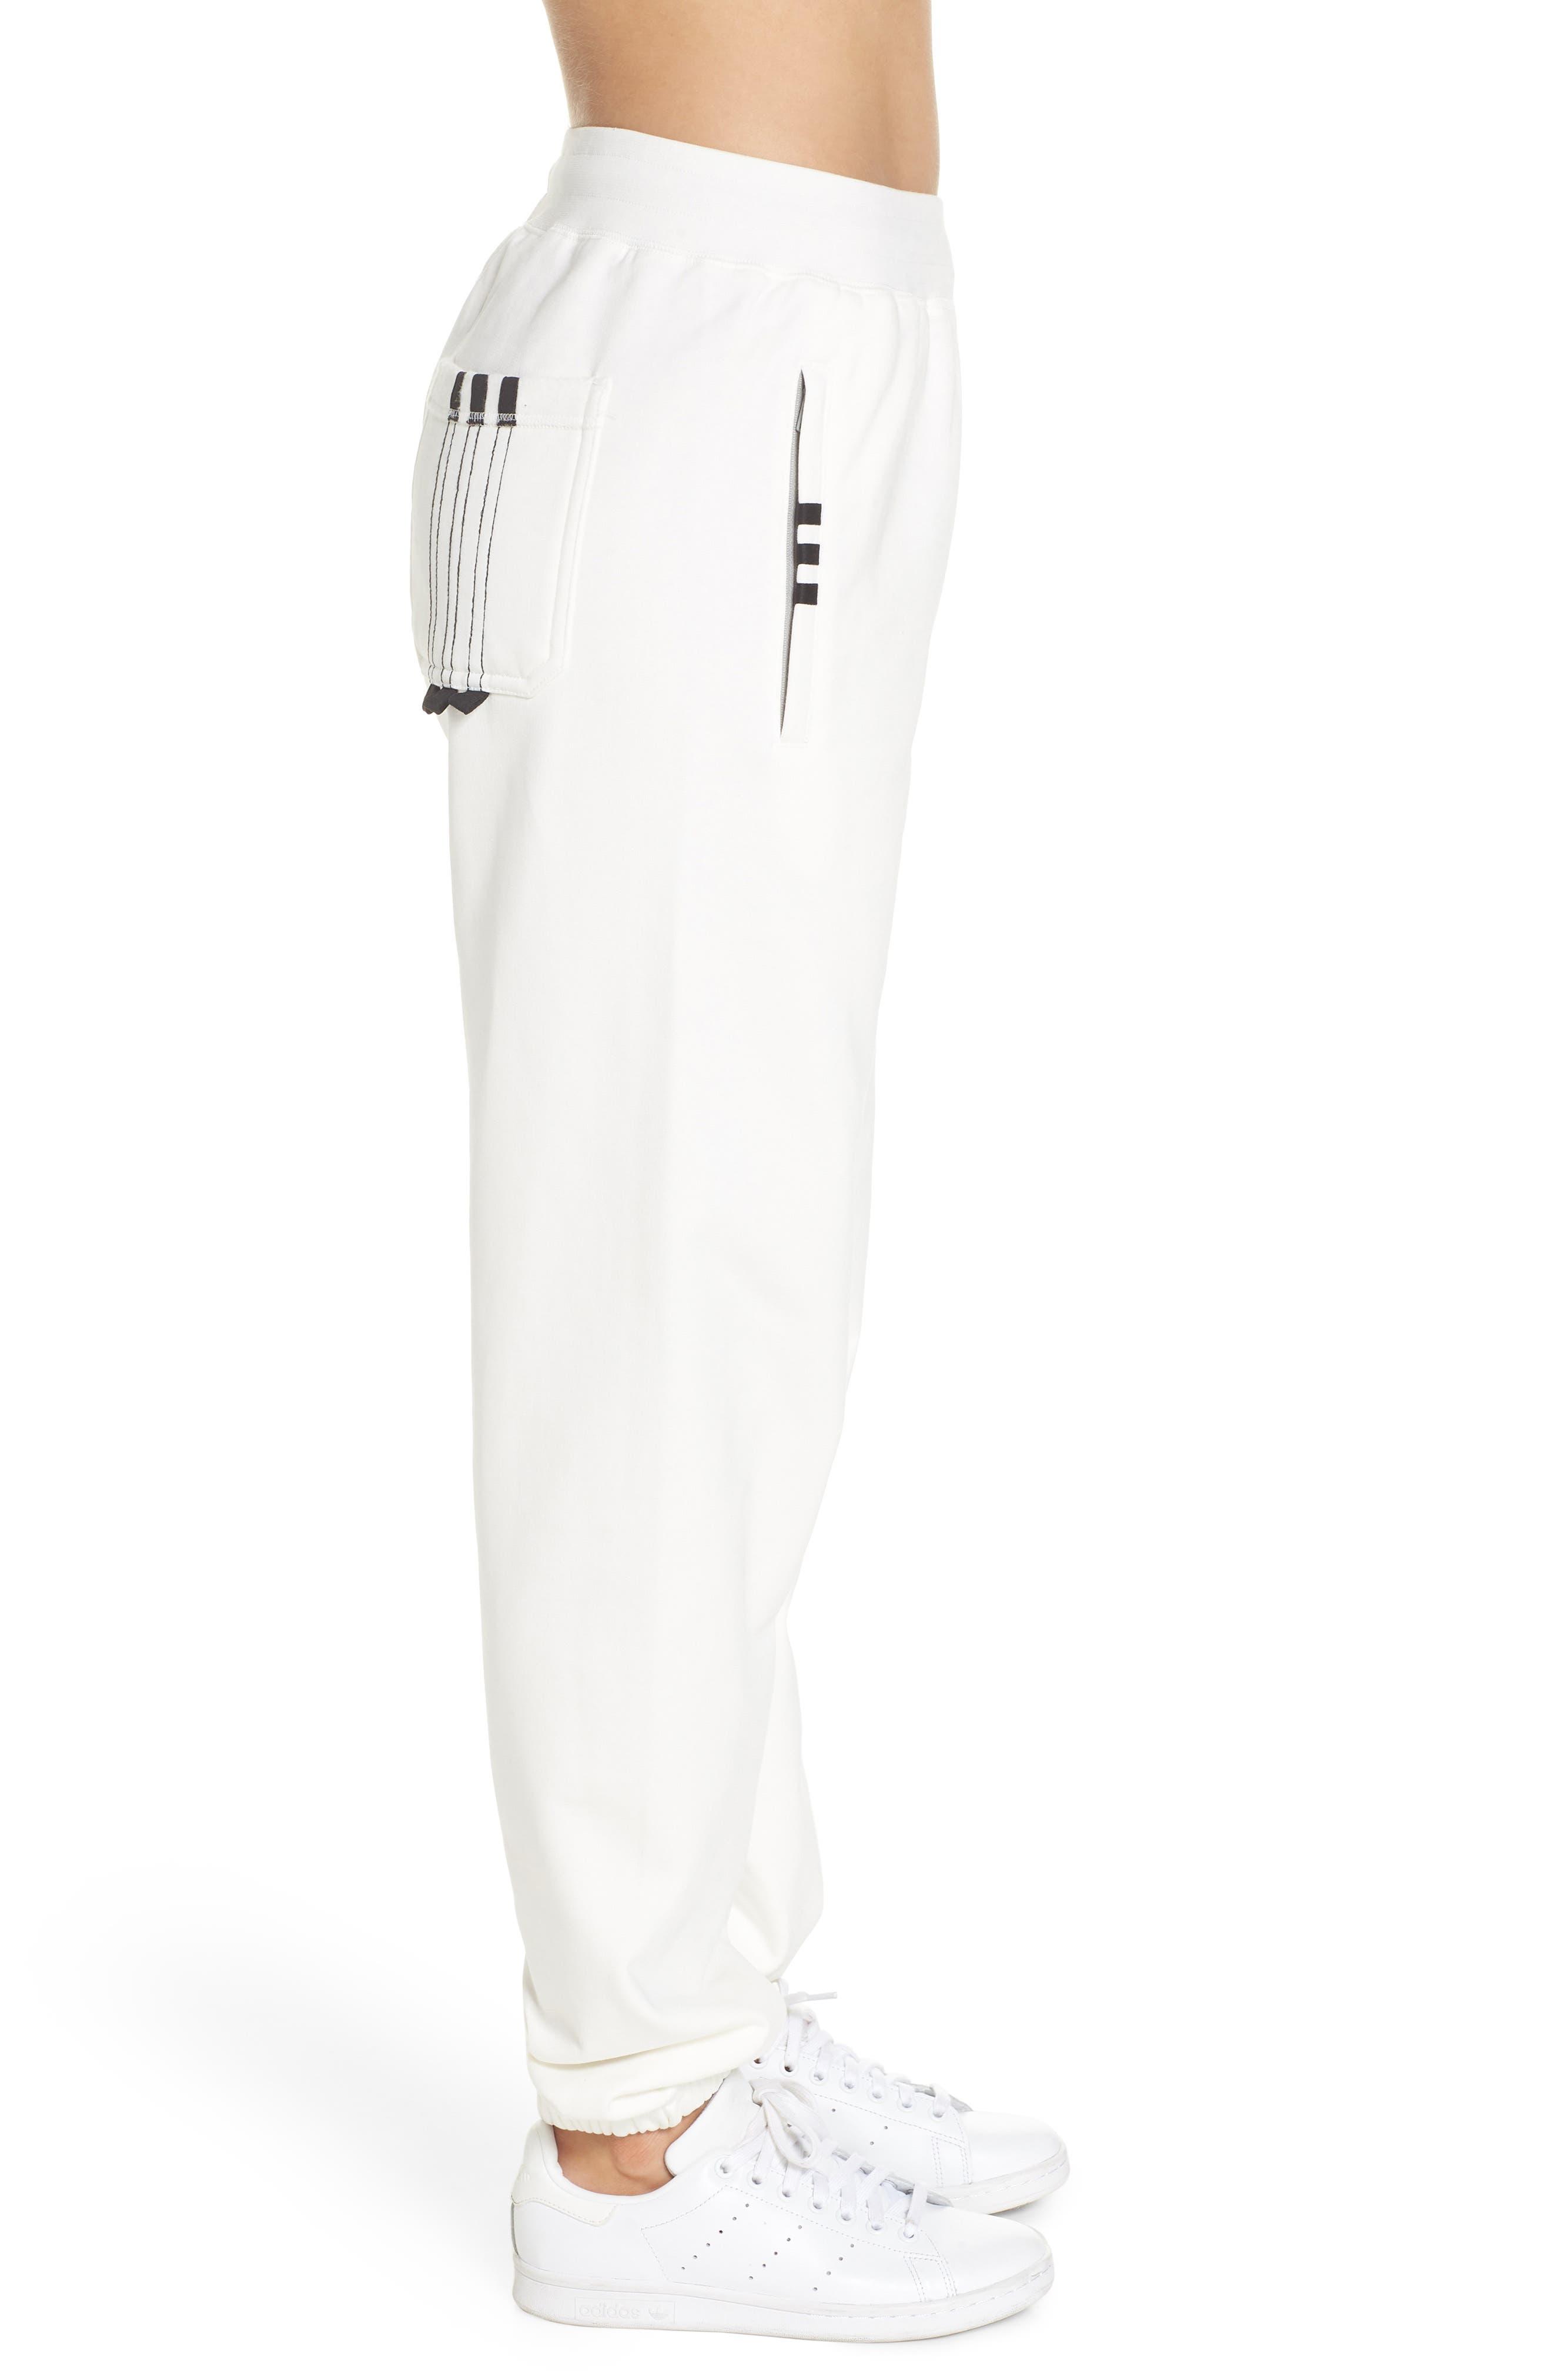 Graphite Jogger Pants,                             Alternate thumbnail 3, color,                             White/ Orange/ Black